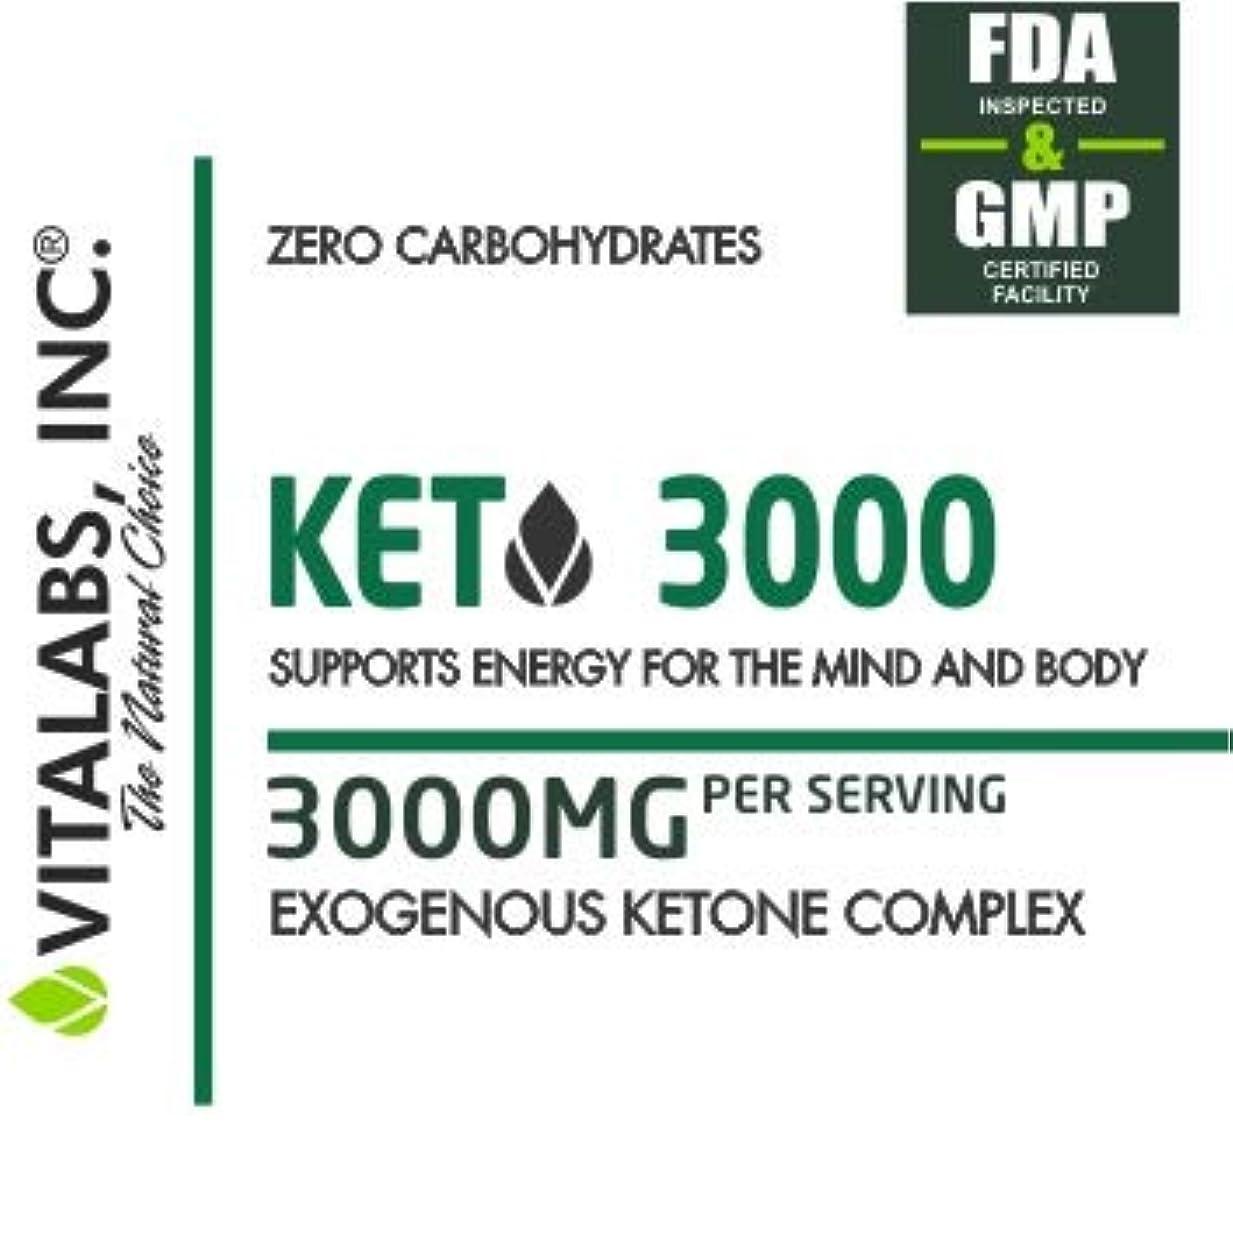 精神的に破産助言するケトジェニックダイエットサポートサプリメント KETO 3000/ Vitalabs 【アメリカより直送】 (120カプセル)